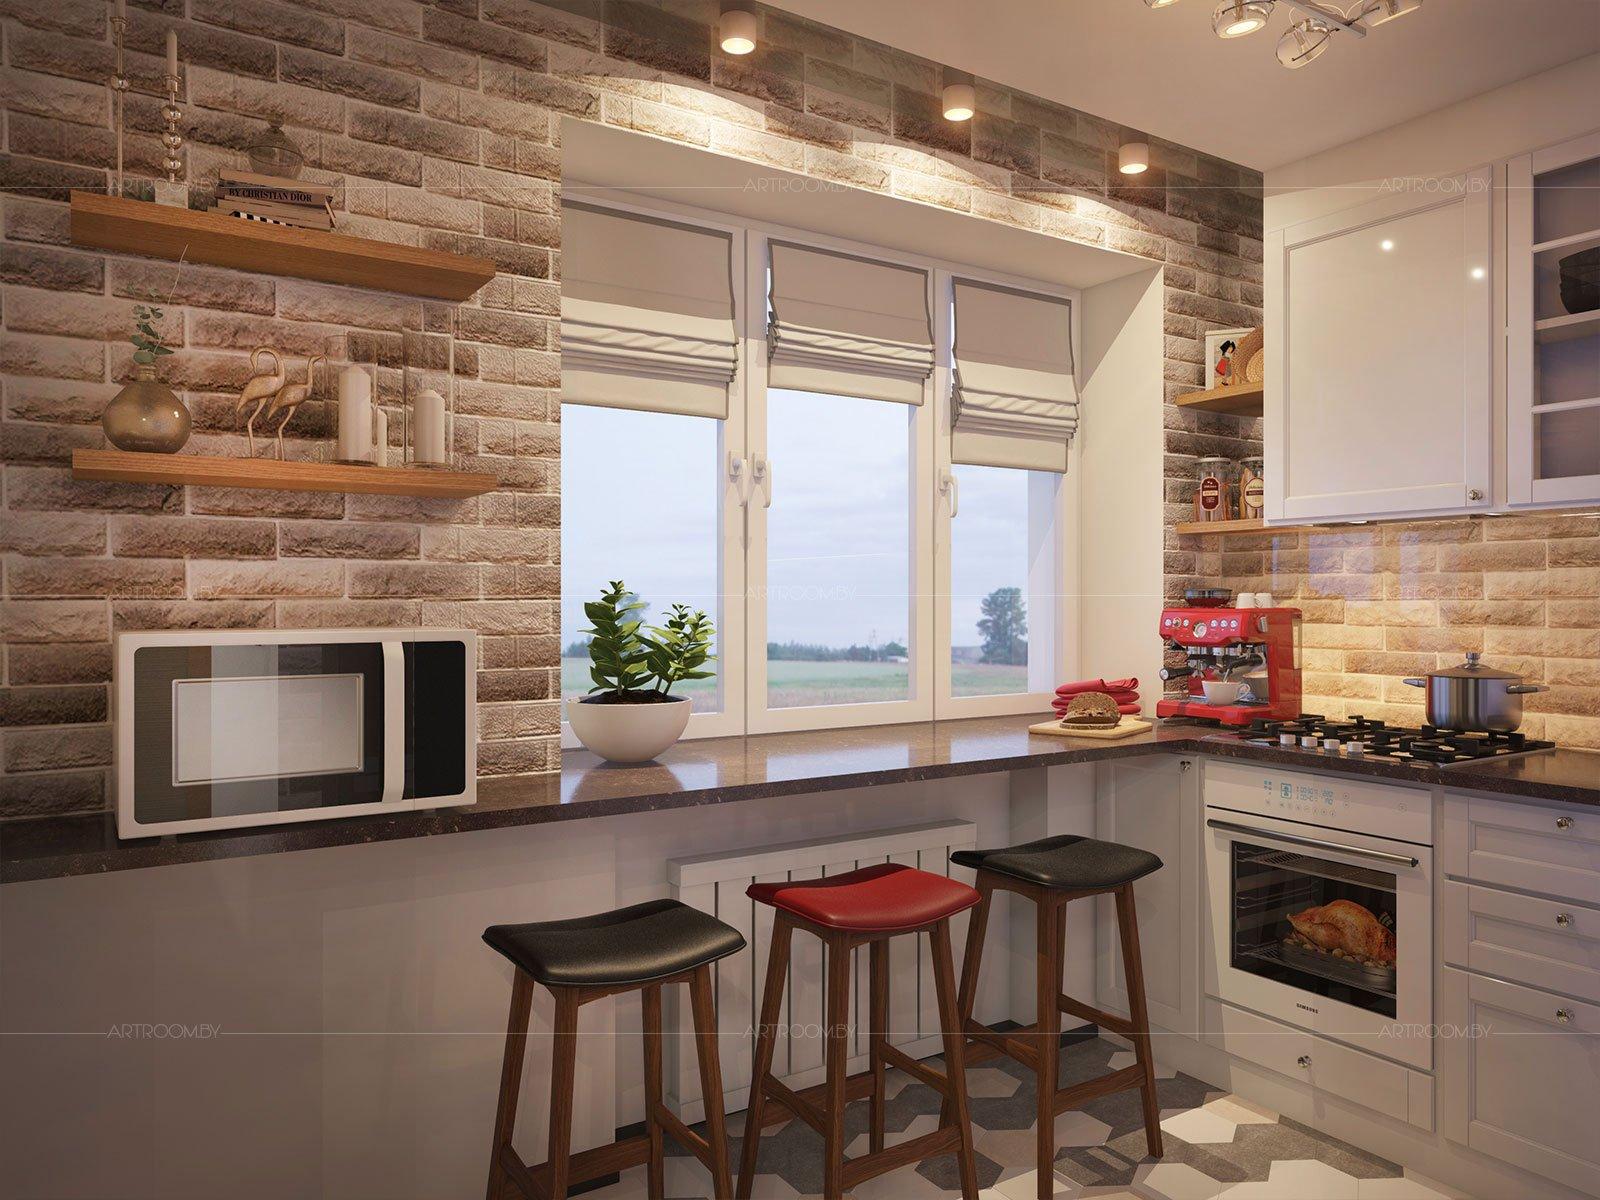 фото кухни рабочая поверхность у окна бобра самый густой